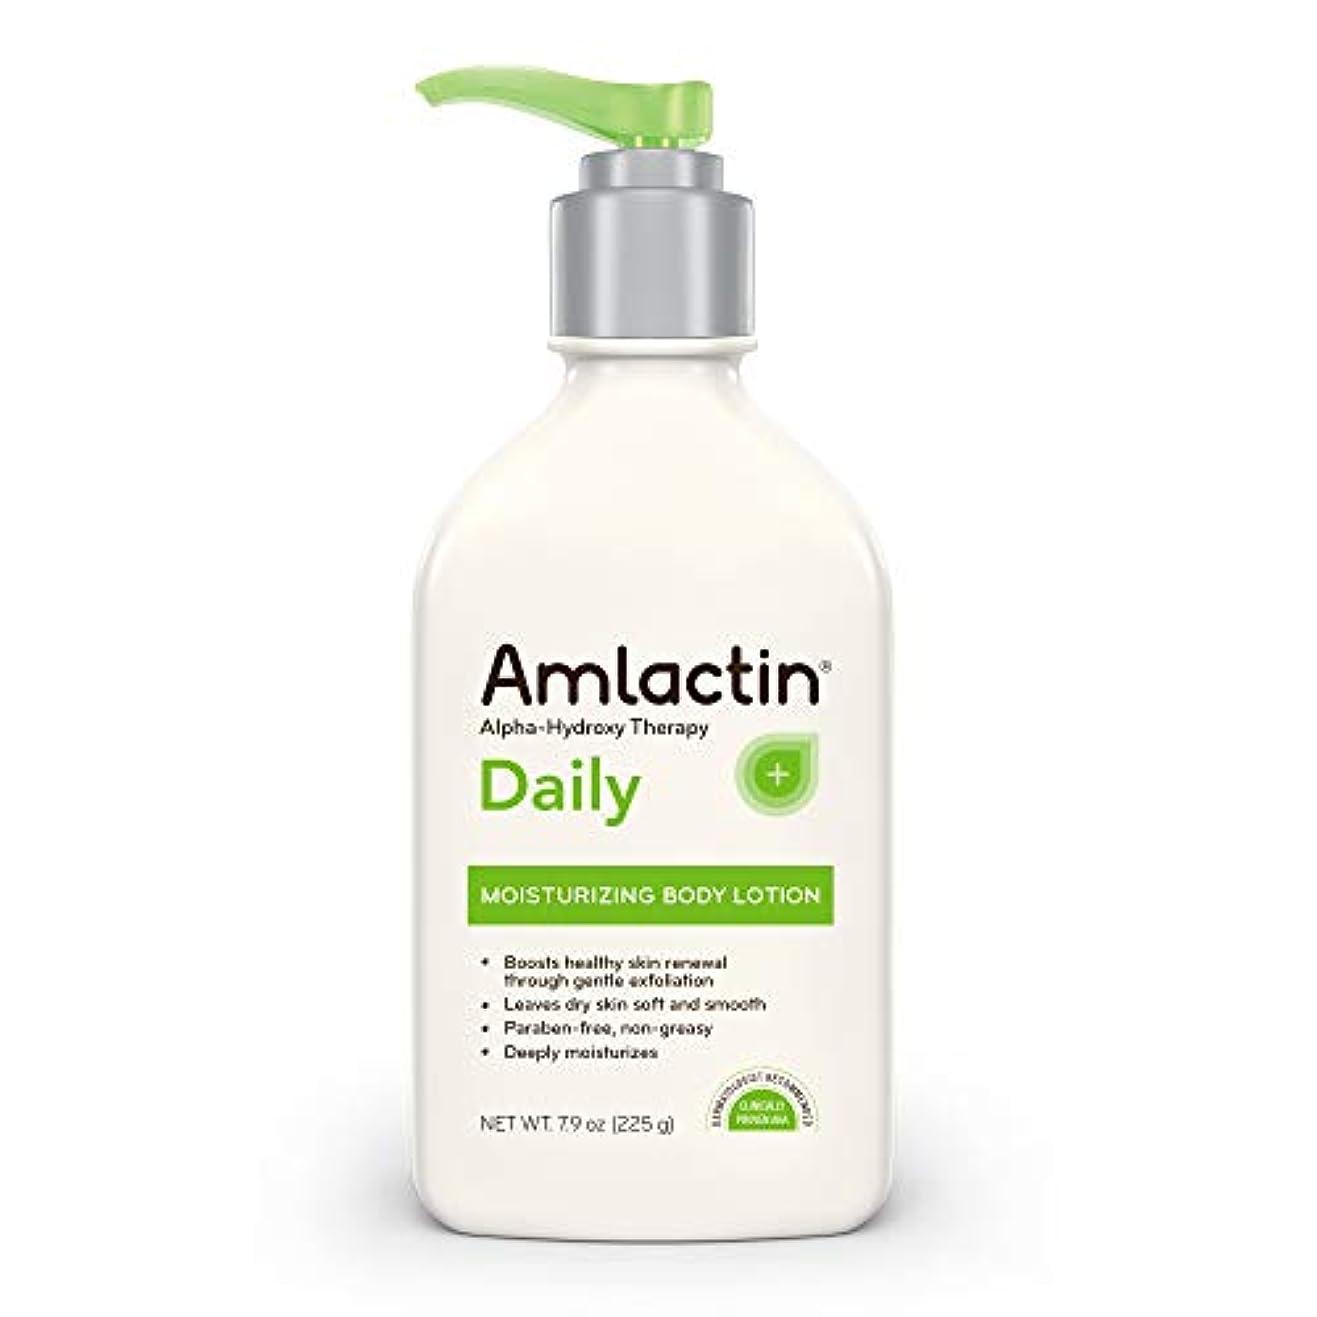 杖スーダン自慢AmLactin デイリーモイスチャライジング ボディローション 瞬時に水分補給 粗さを和らげる 強力なアルファヒドロキシセラピー 優しく体を拡散 粗く滑らか ドライスキン パラベンフリー 7.9オンス